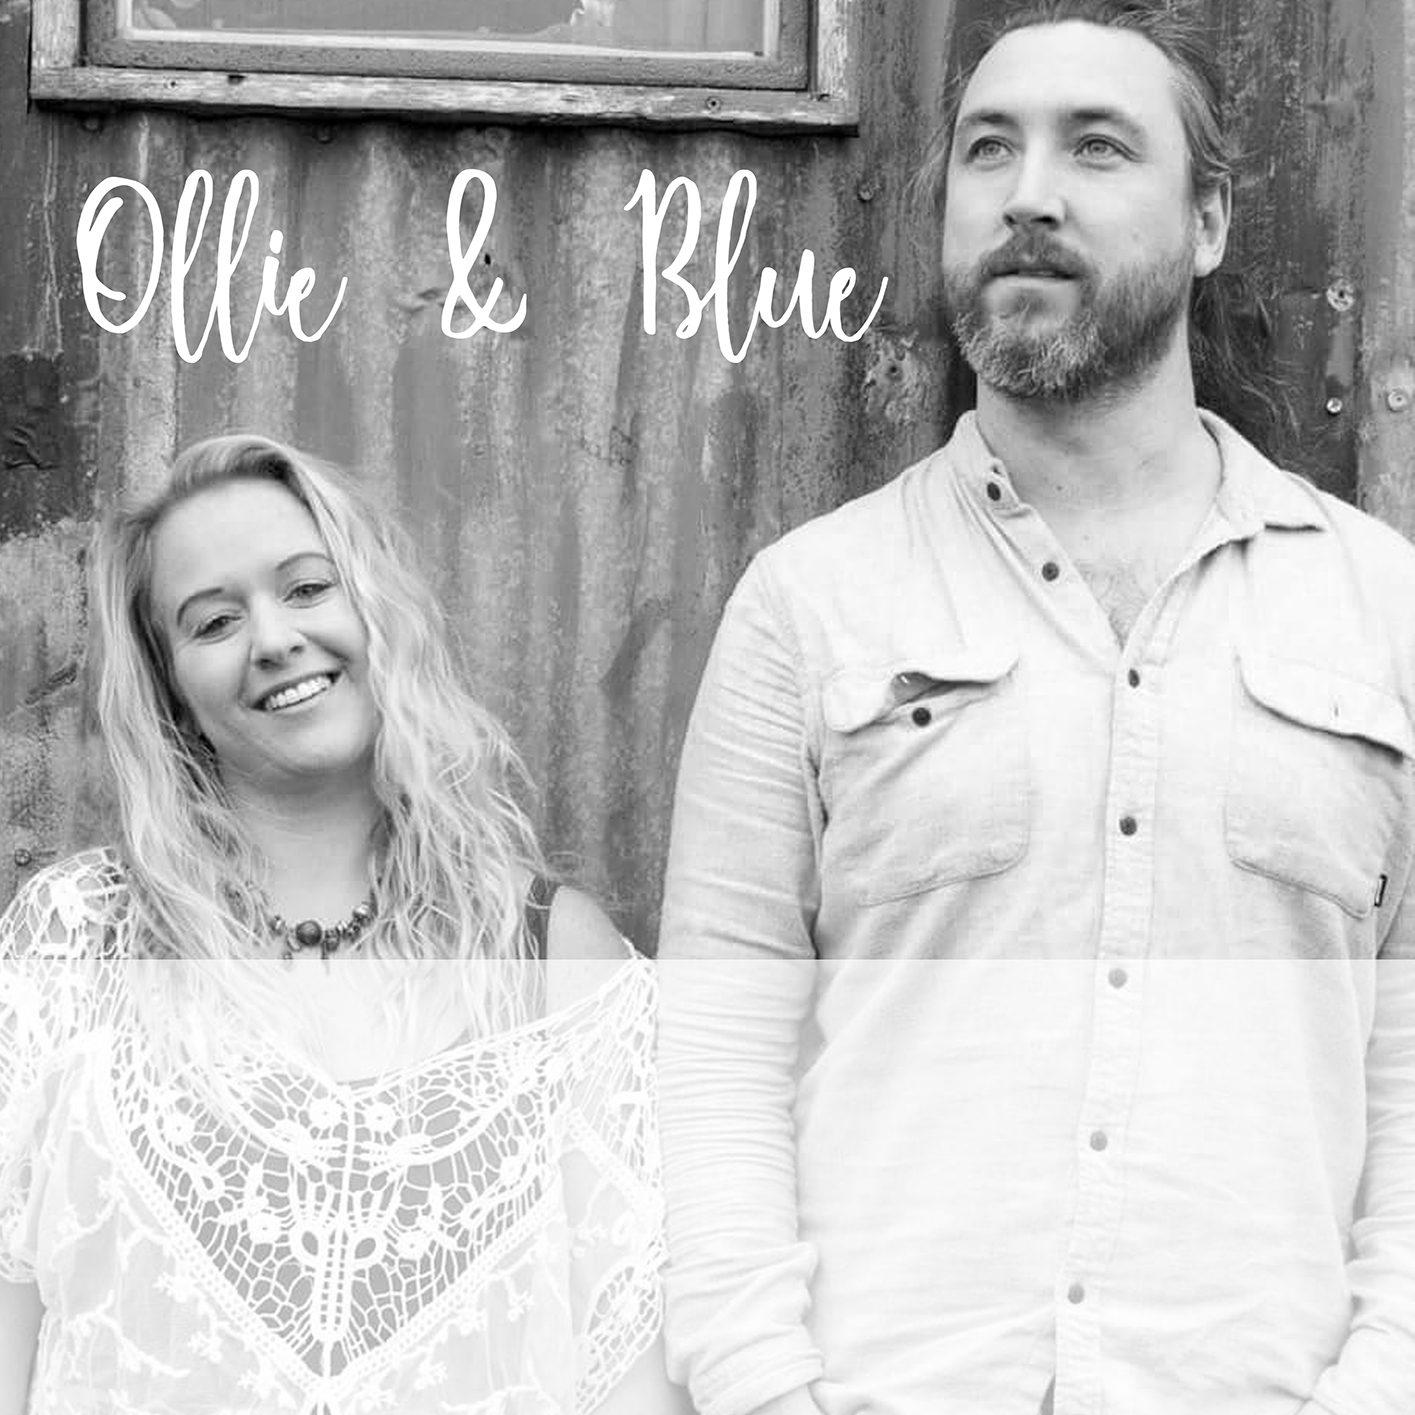 Ollie & Blue